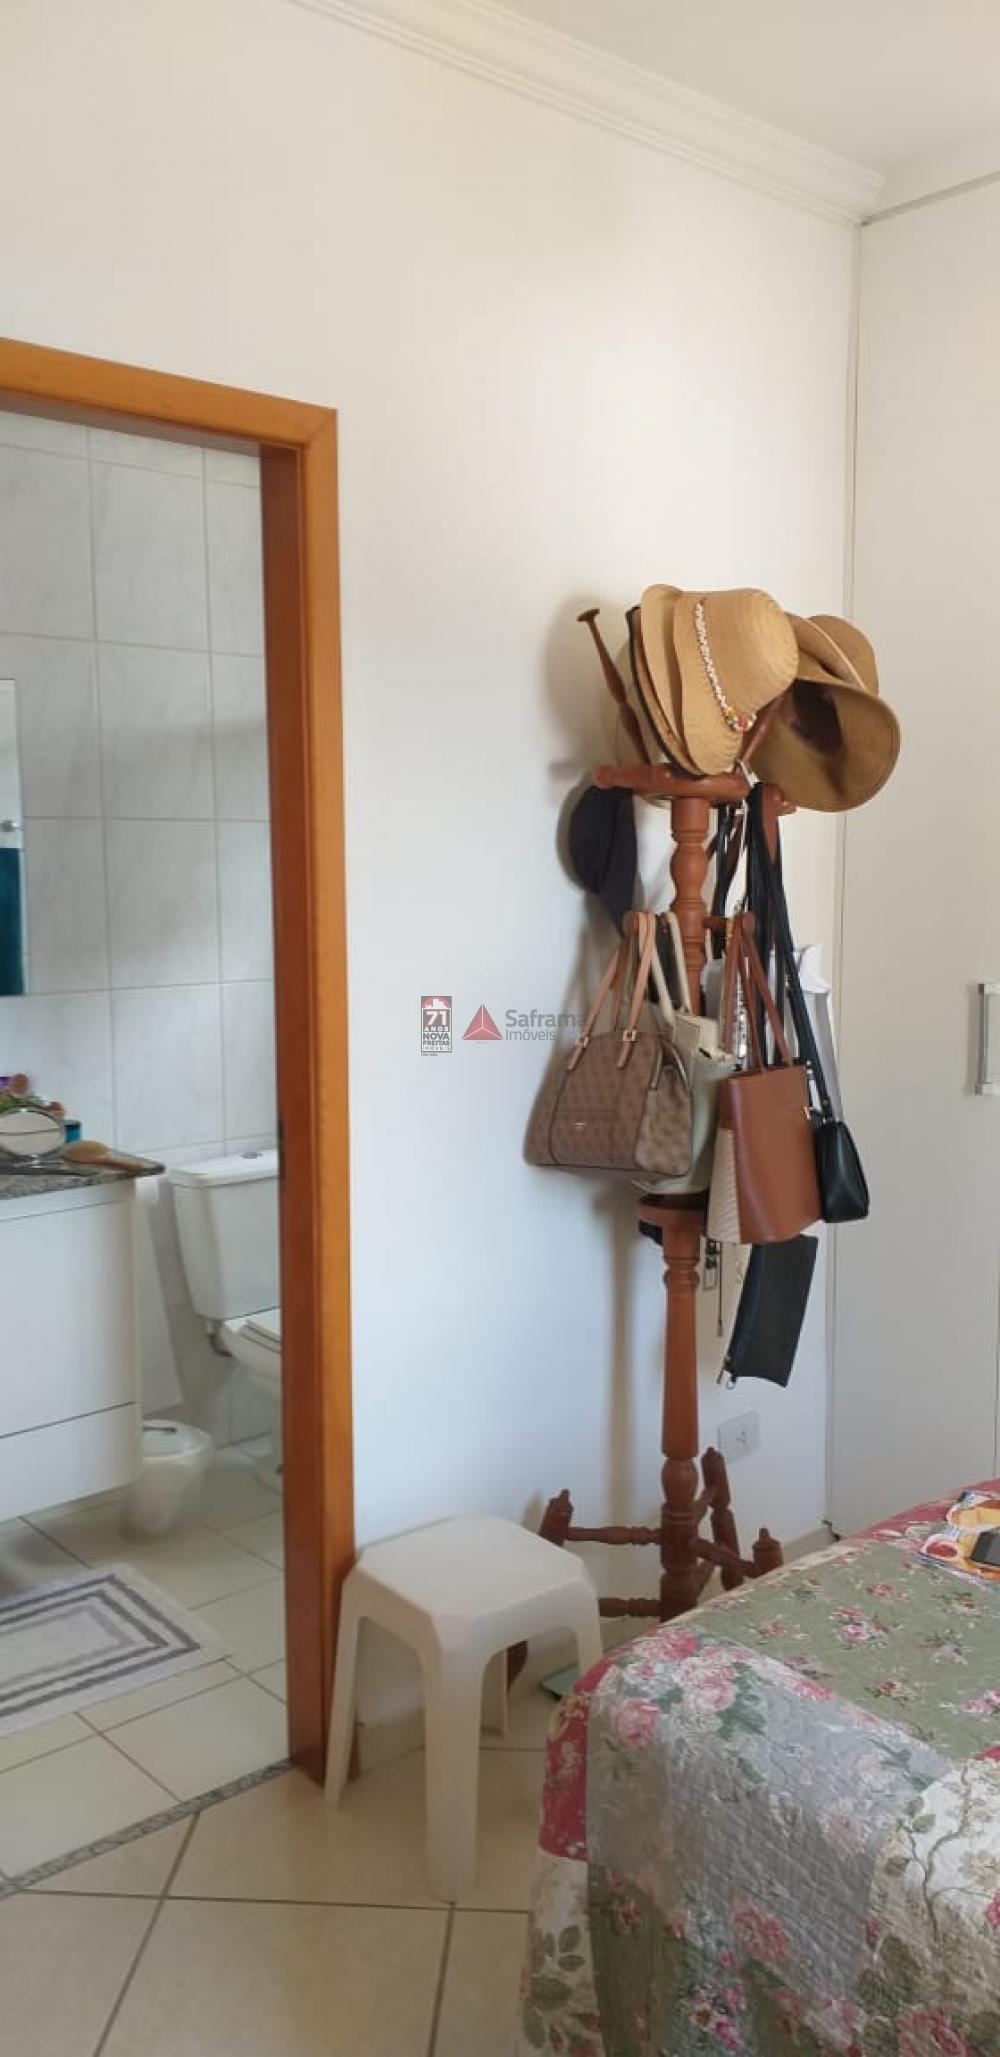 Comprar Apartamento / Padrão em São José dos Campos R$ 765.000,00 - Foto 13